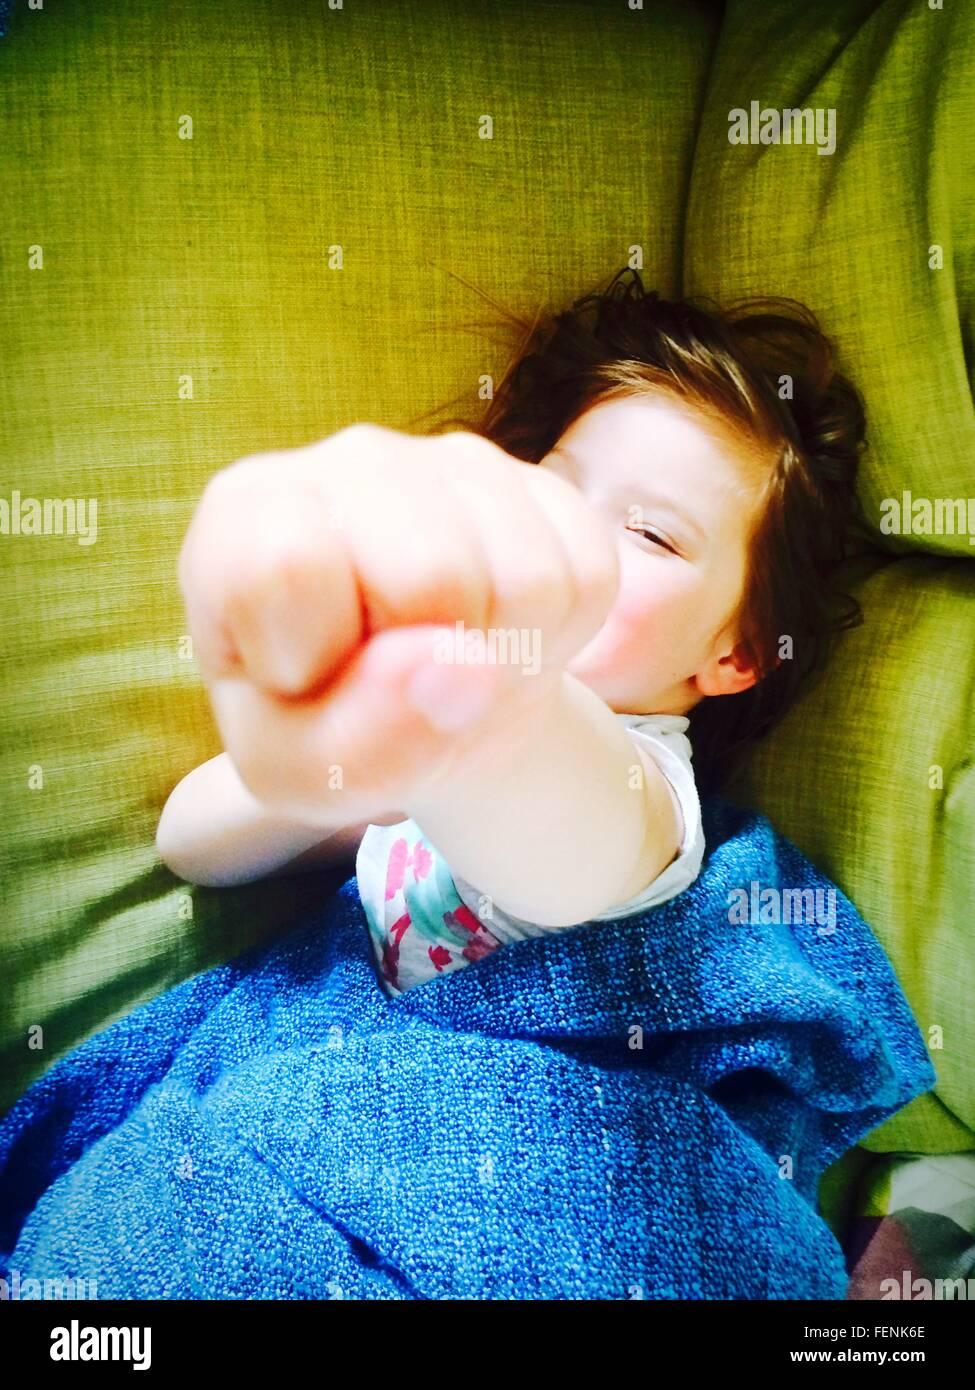 Portrait de jeune fille montrant le poing tout en vous relaxant sur le lit Photo Stock